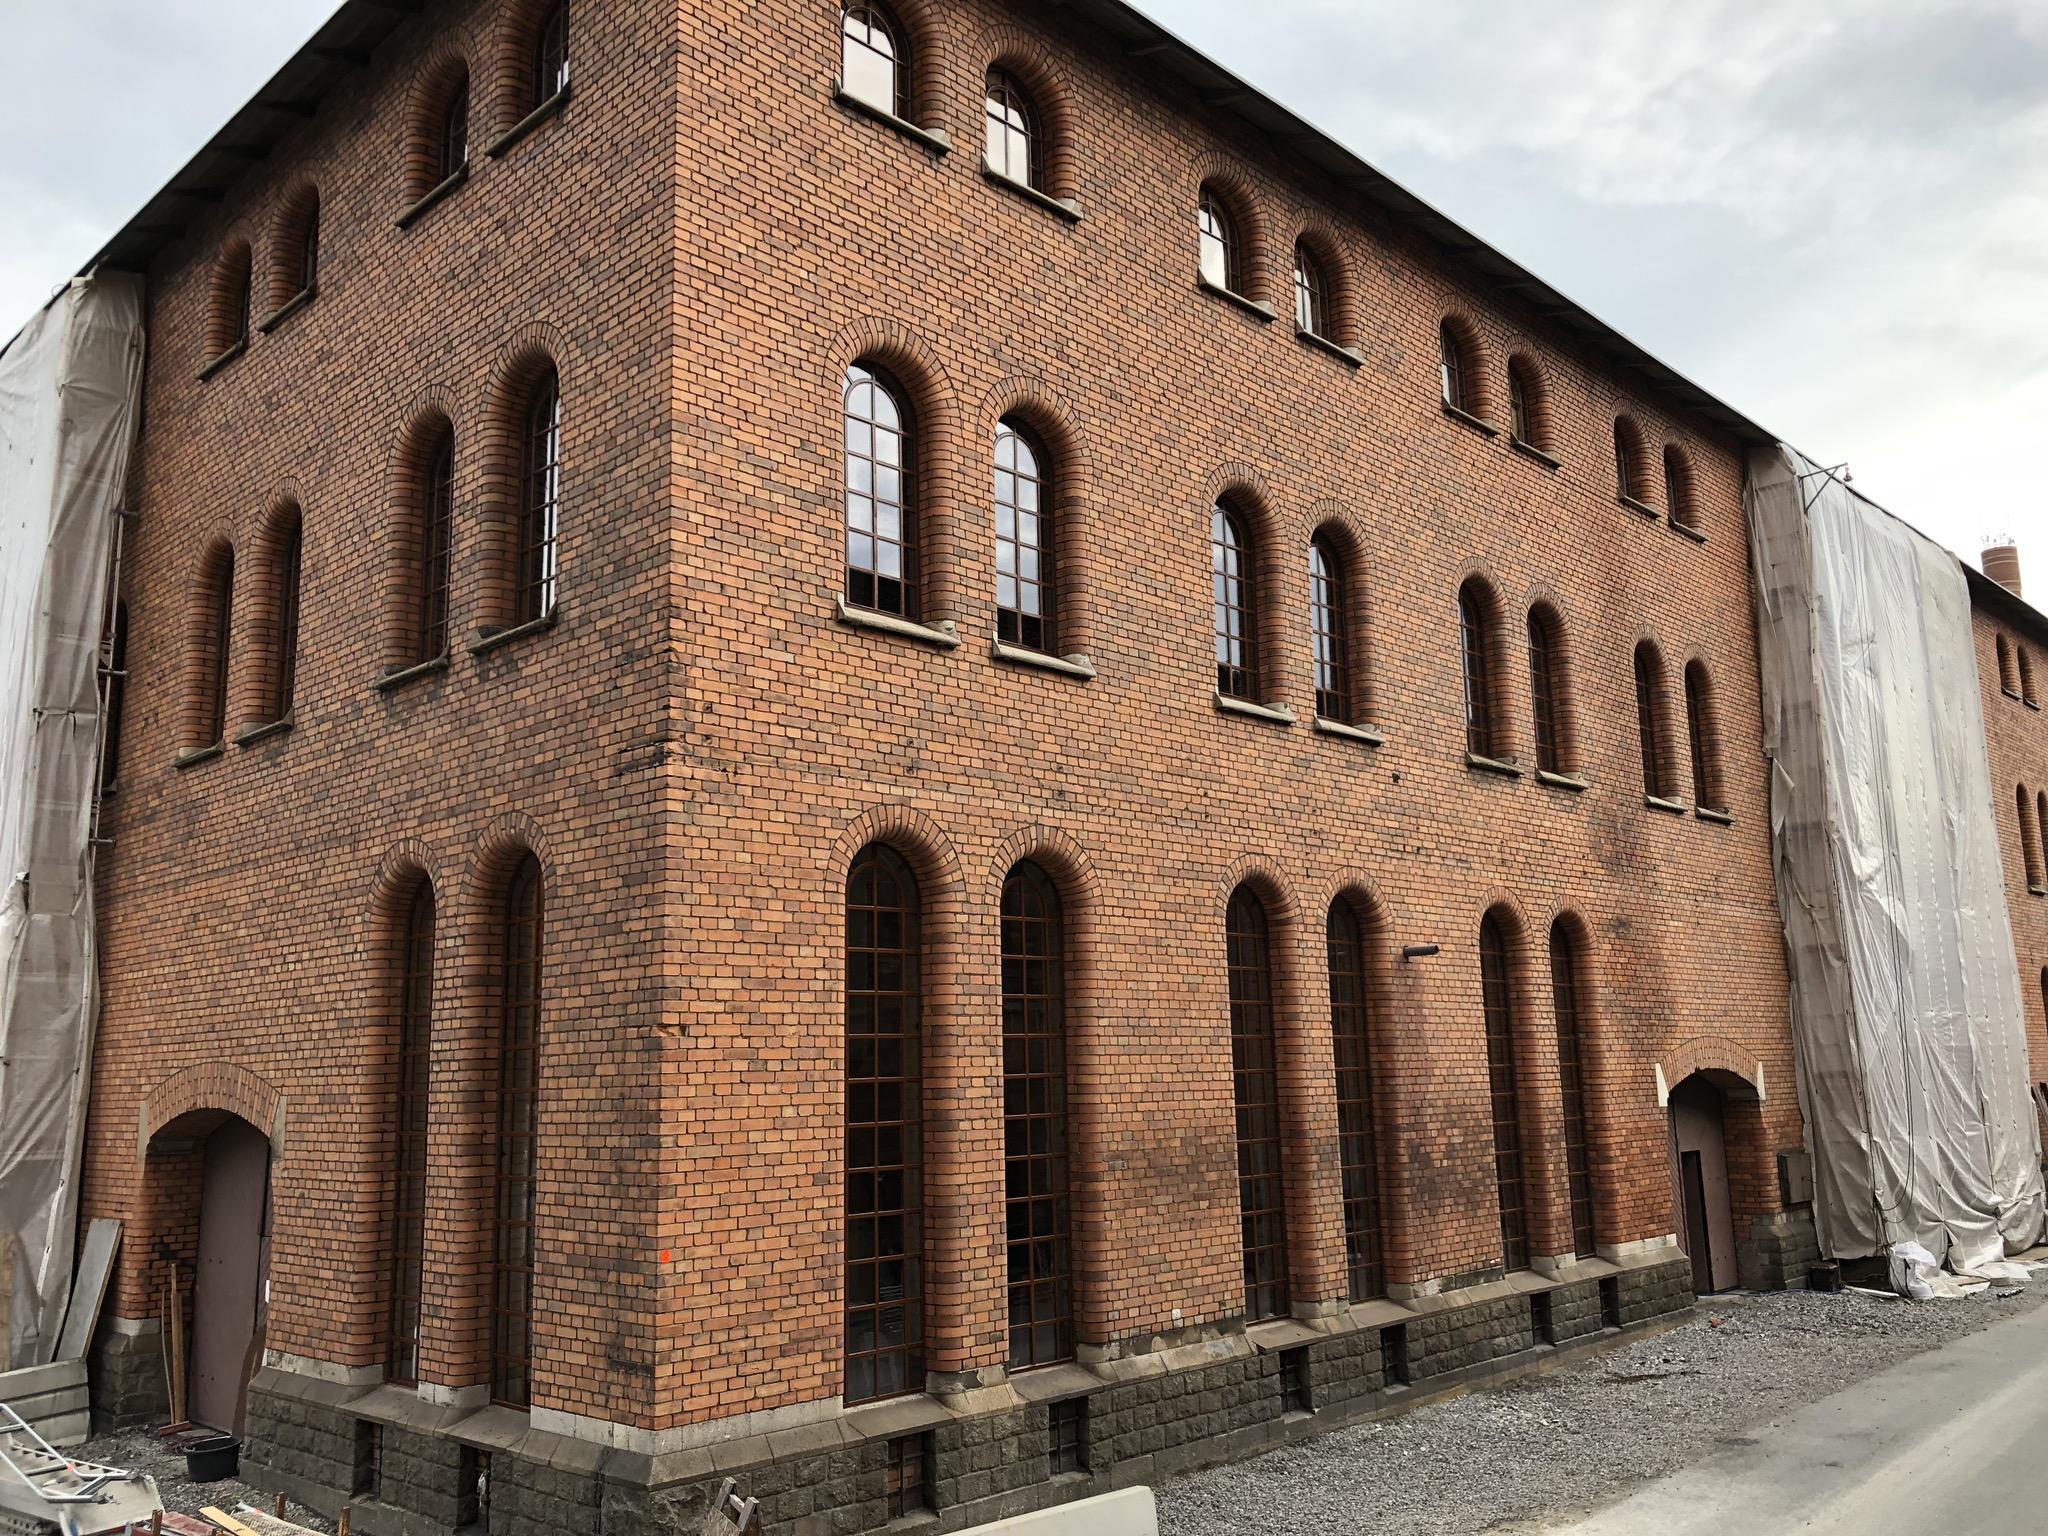 Industrifastighet med stora spröjsade kyrklika järnfönster efter renovering.